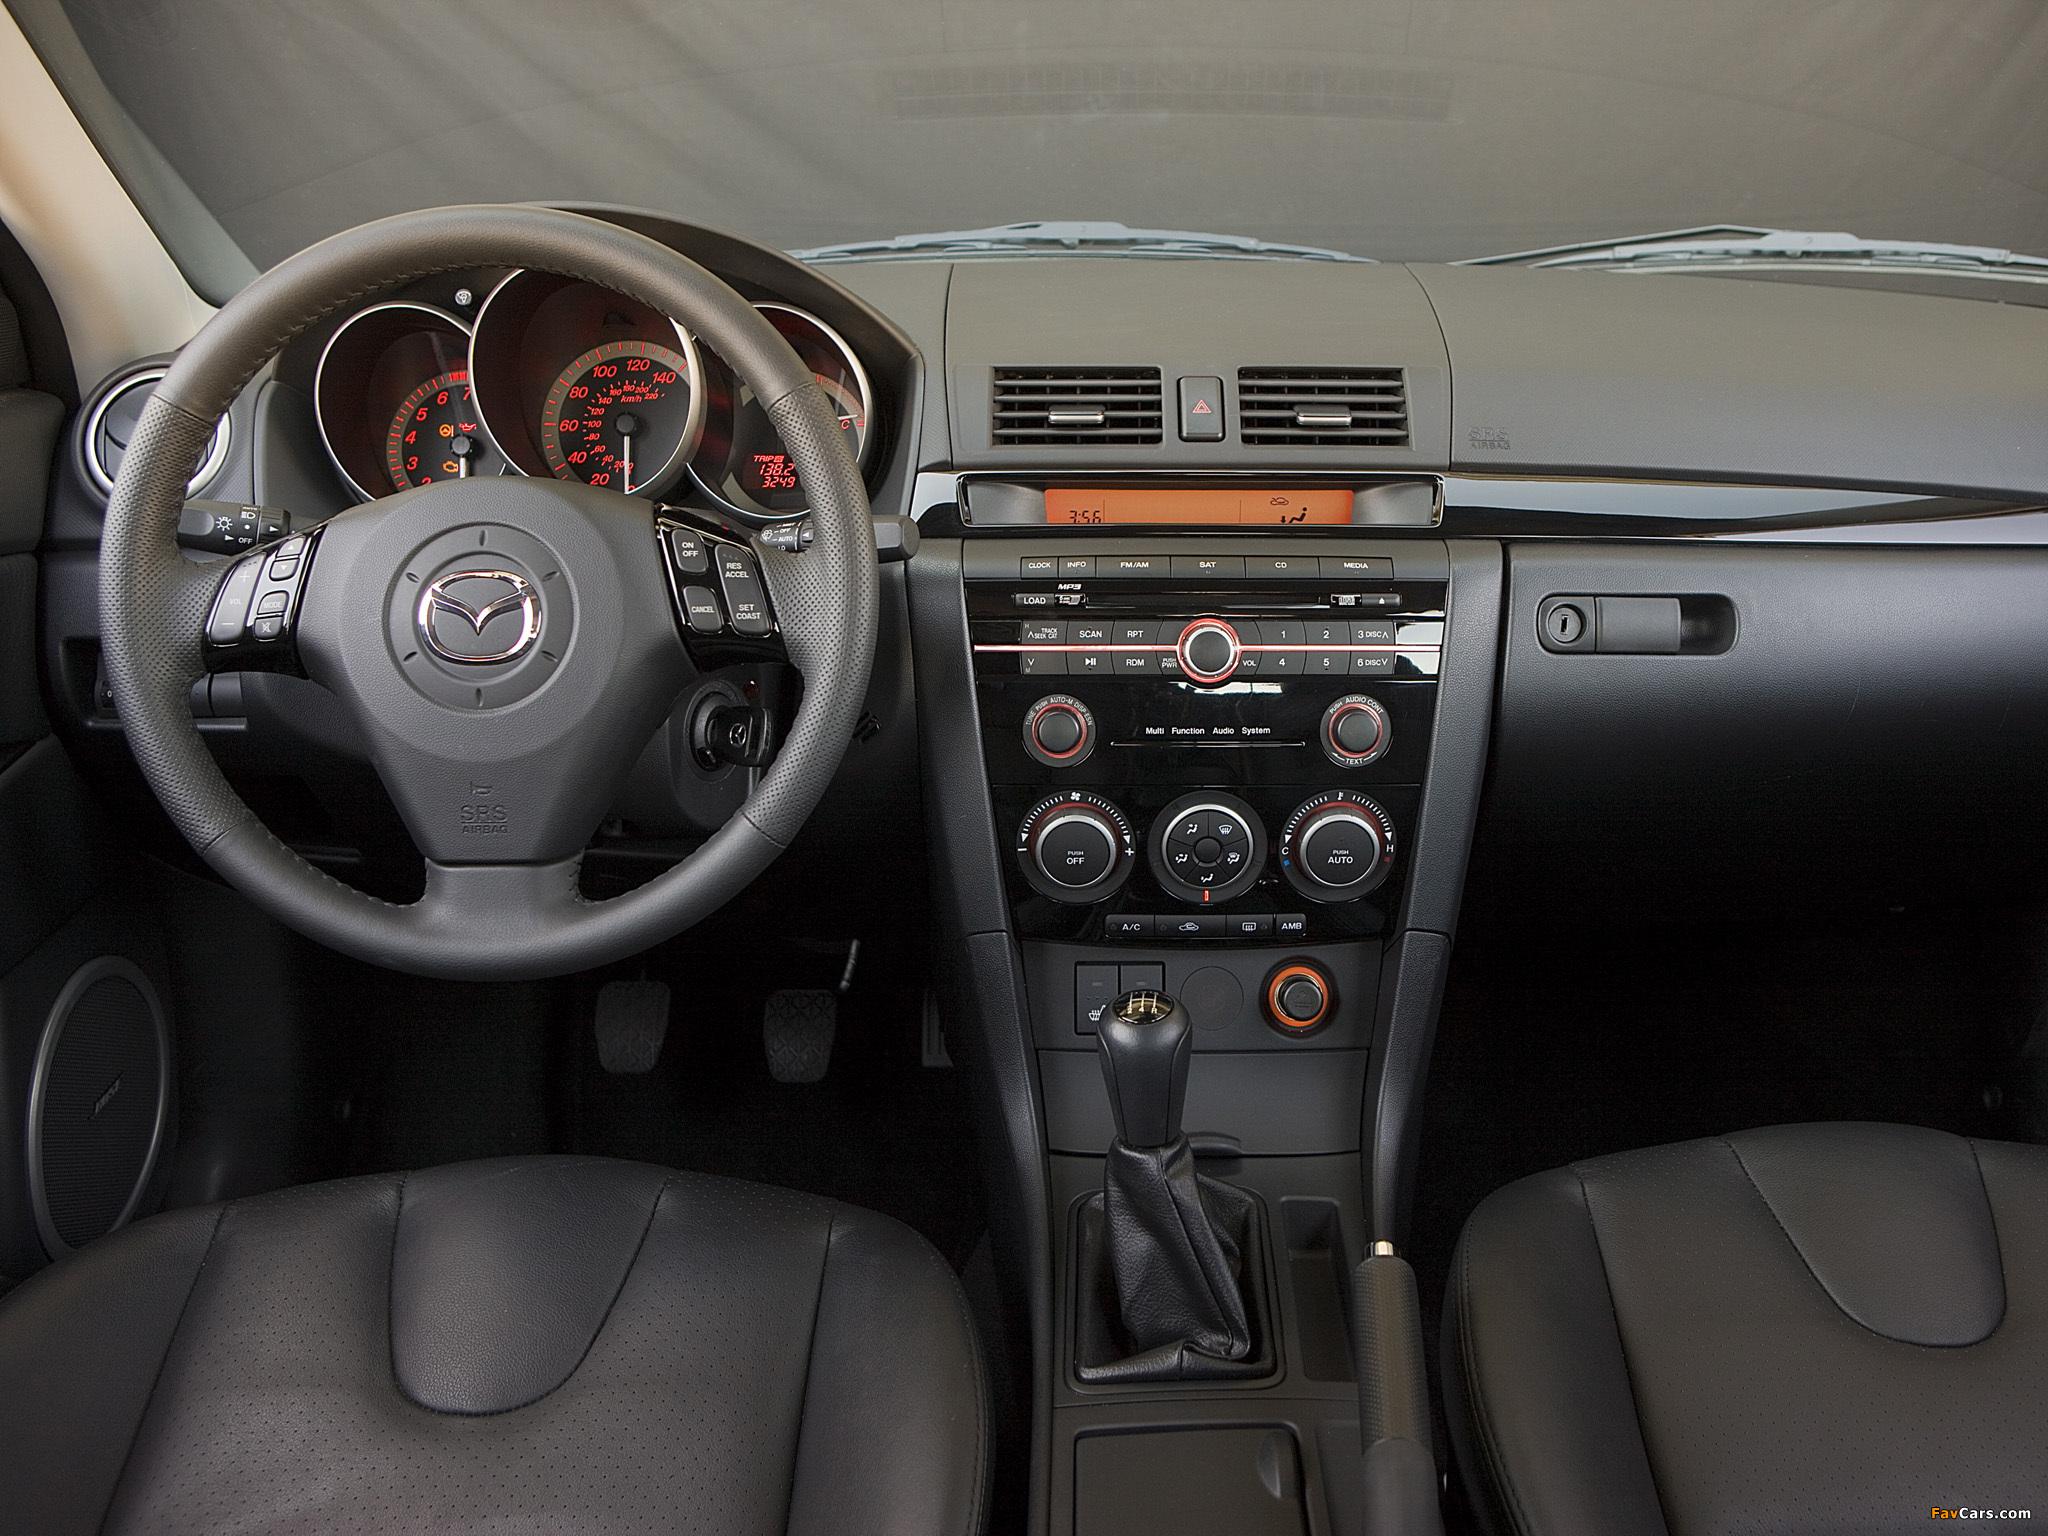 Установка штатного головного устройства на Mazda 3 (I)